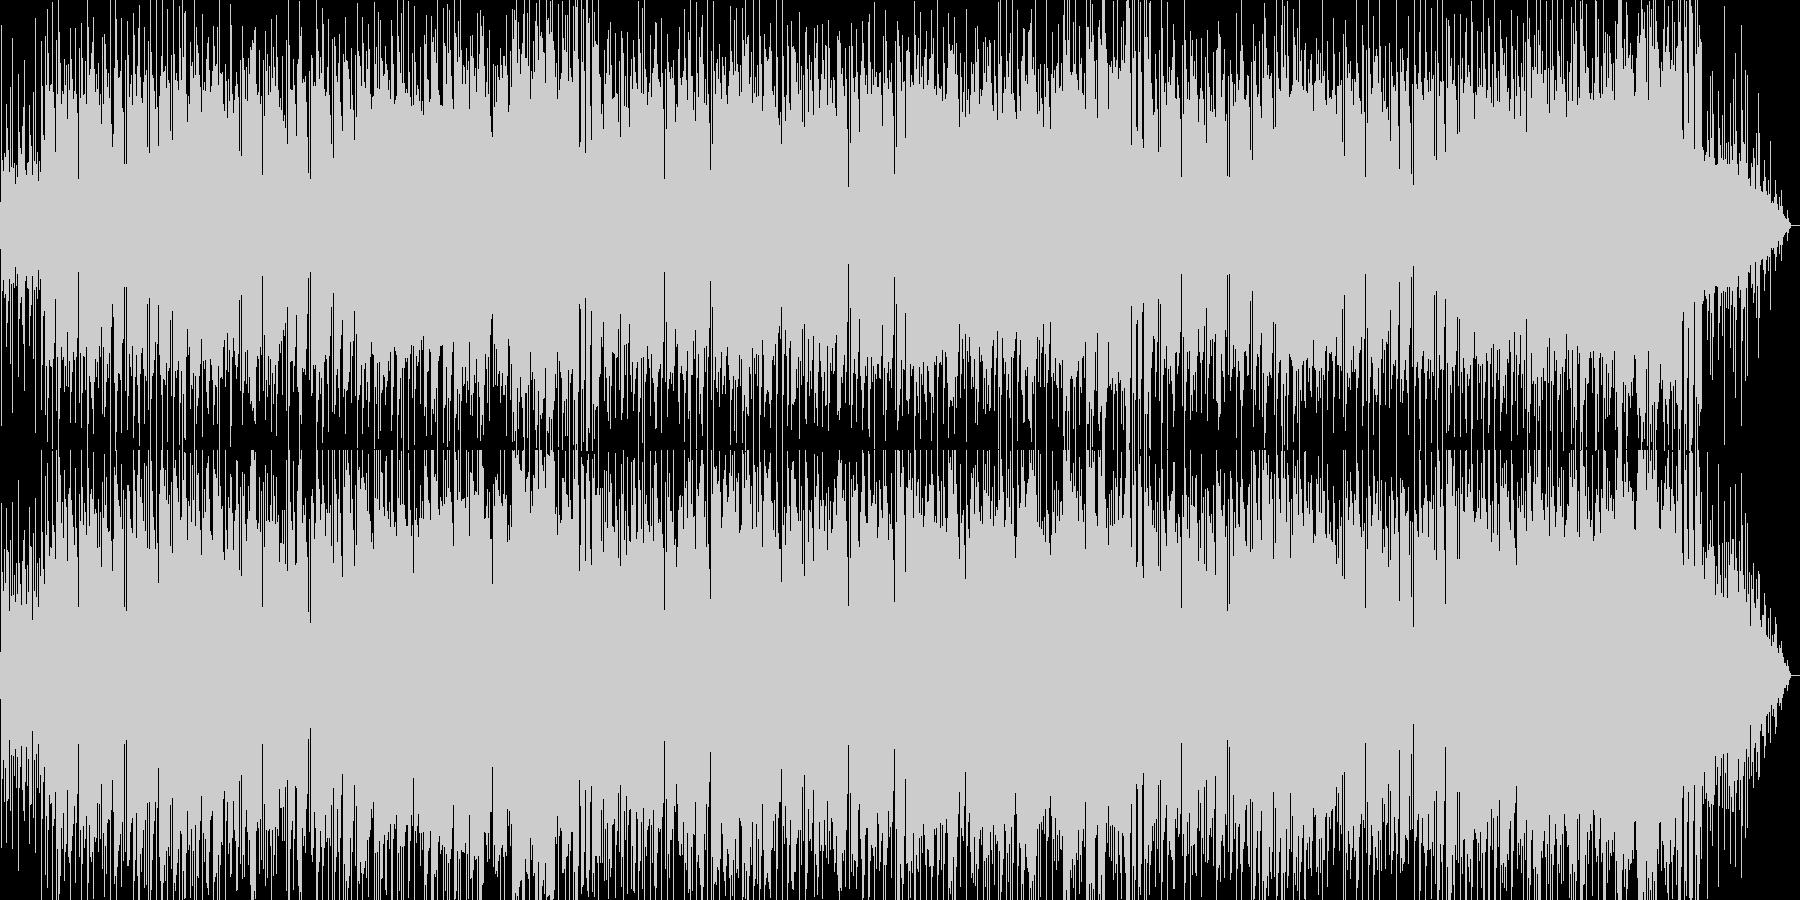 メロディアスなバラード曲の未再生の波形